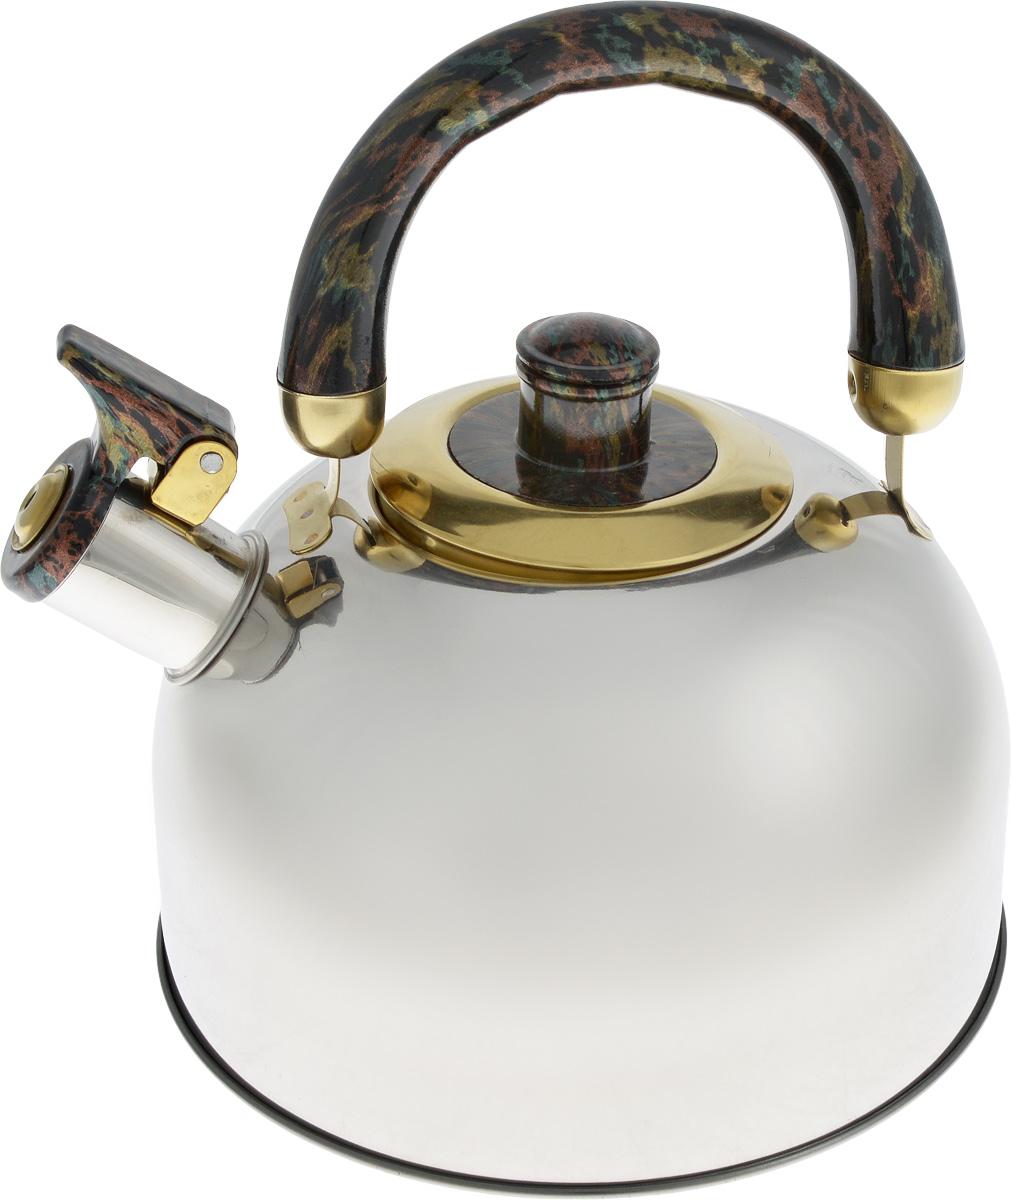 Чайник Bohmann, со свистком, 2,5 л300BHLЧайник Bohmann изготовлен из нержавеющей хромоникелевой стали с зеркальной полировкой. Высококачественная сталь представляет собой материал, из которого в течение нескольких десятилетий во всем мире производятся столовые приборы, кухонные инструменты и различные аксессуары. Этот материал обладает высокой стойкостью к коррозии и кислотам. Прочность, долговечность и надежность этого материала, а также первоклассная обработка обеспечивают практически неограниченный запас прочности и неизменно привлекательный внешний вид. Чайник оснащен удобной ручкой из бакелита. Ручка не нагревается, что предотвращает появление ожогов и обеспечивает безопасность использования. Носик чайника имеет откидной свисток для определения кипения. Можно использовать на всех типах плит, включая индукционные. Можно мыть в посудомоечной машине. Диаметр (по верхнему краю): 8,5 см.Высота чайника (без учета ручки): 12 см.Высота чайника (с учетом ручки): 20,5 см.Диаметр основания: 12 см.